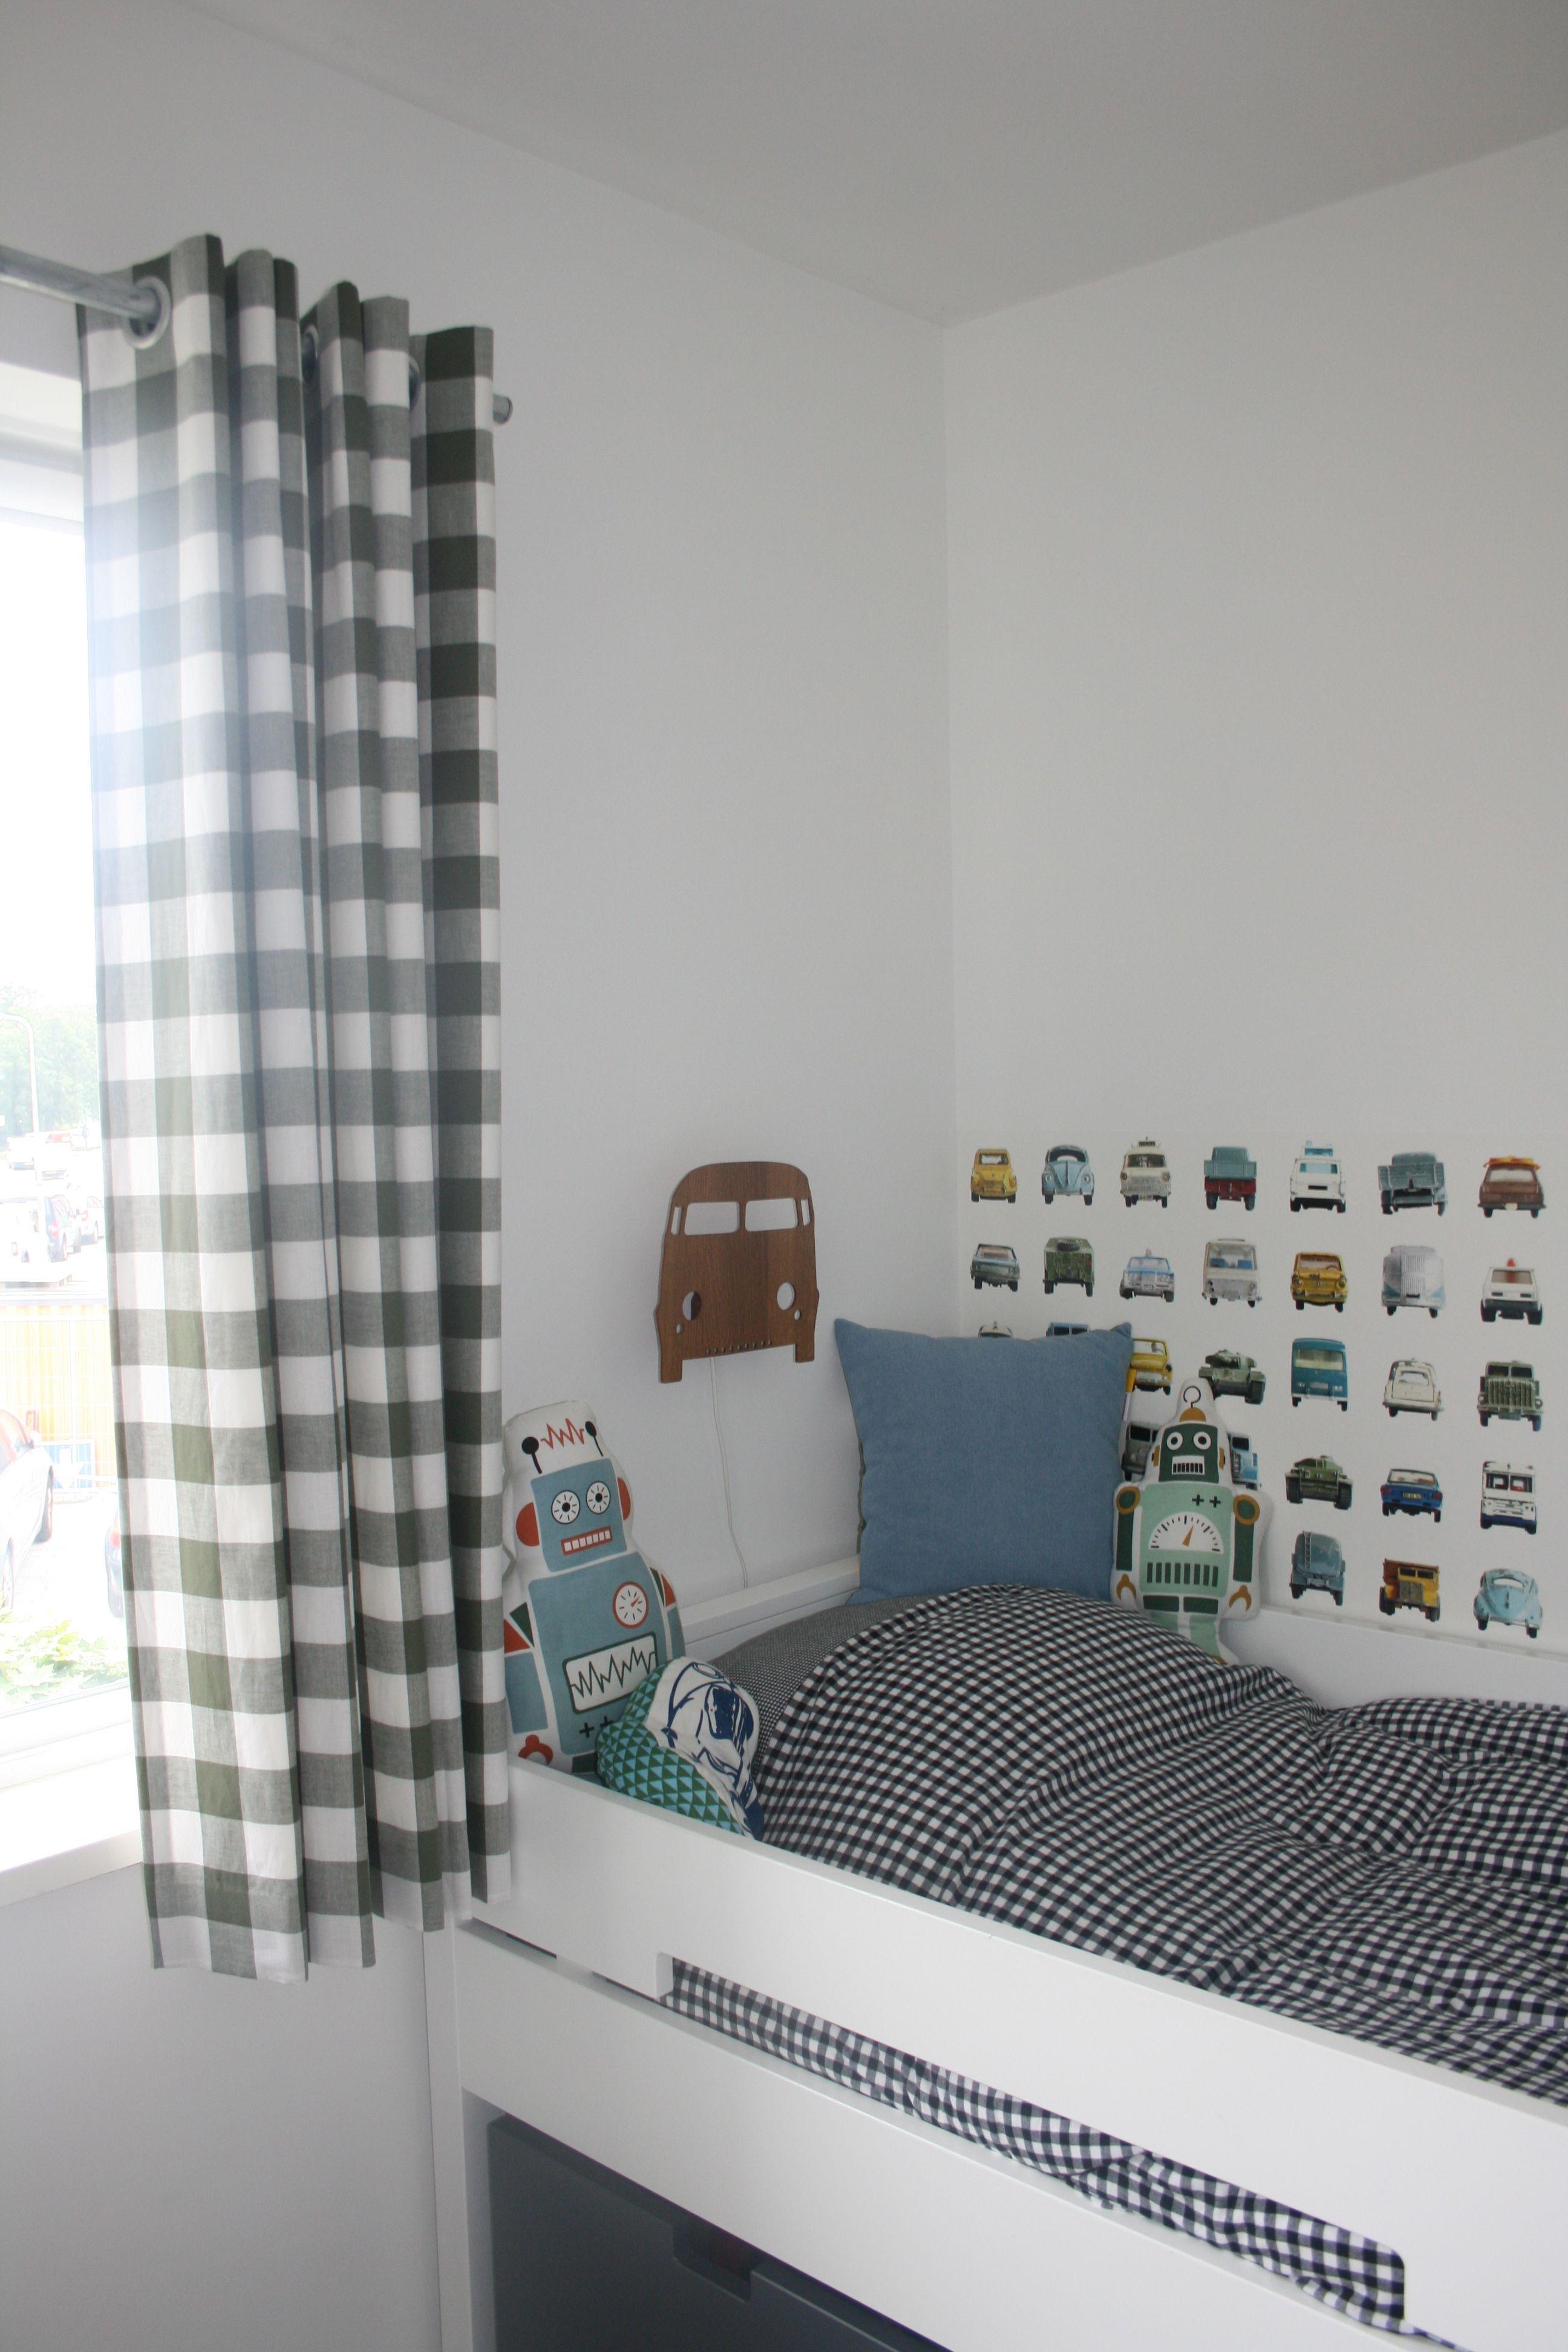 gordijnen in ruit 5cm kleur legergroen op stoere jongenskamer geleverd door boerenbontignl gordijnen curtains kinderkamer